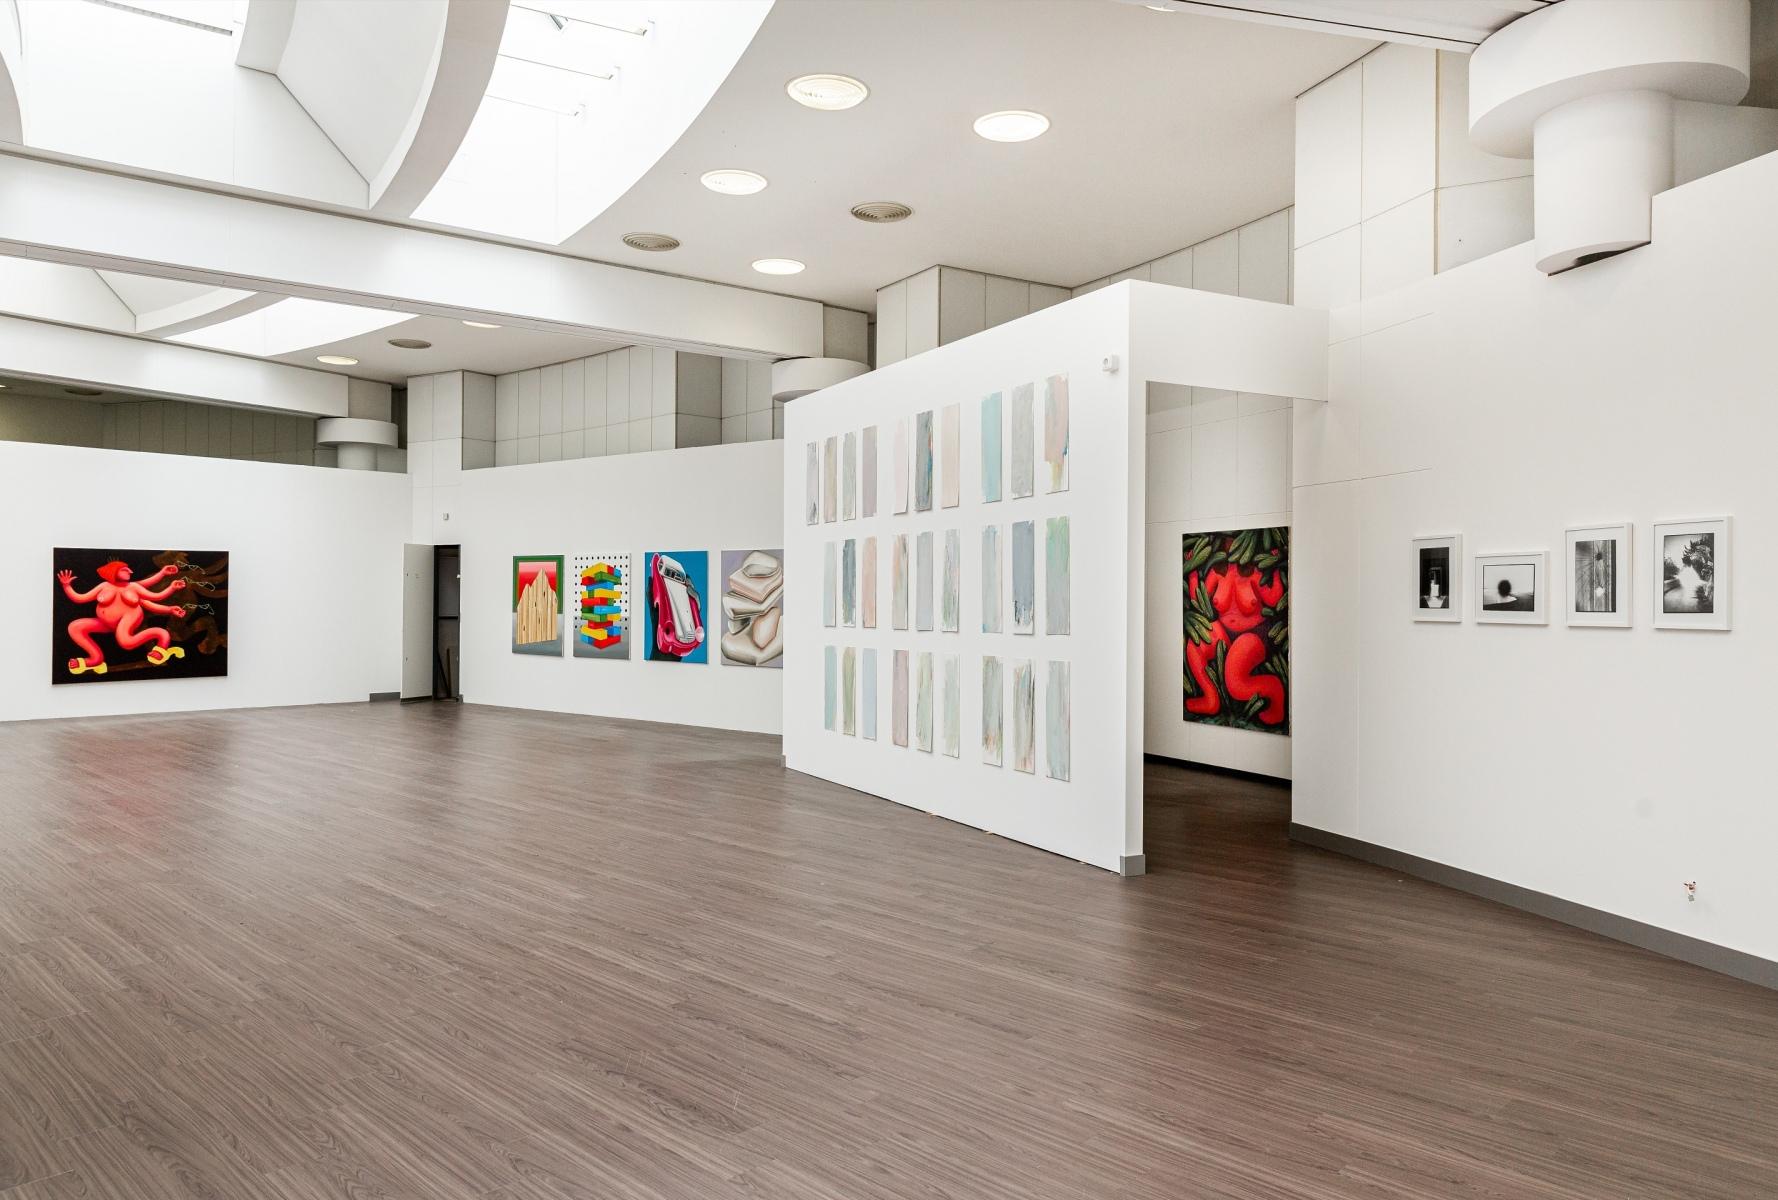 Malcher_Ausstellungsansicht_POP_UP_2020_Junge_Kunst_in_Münster